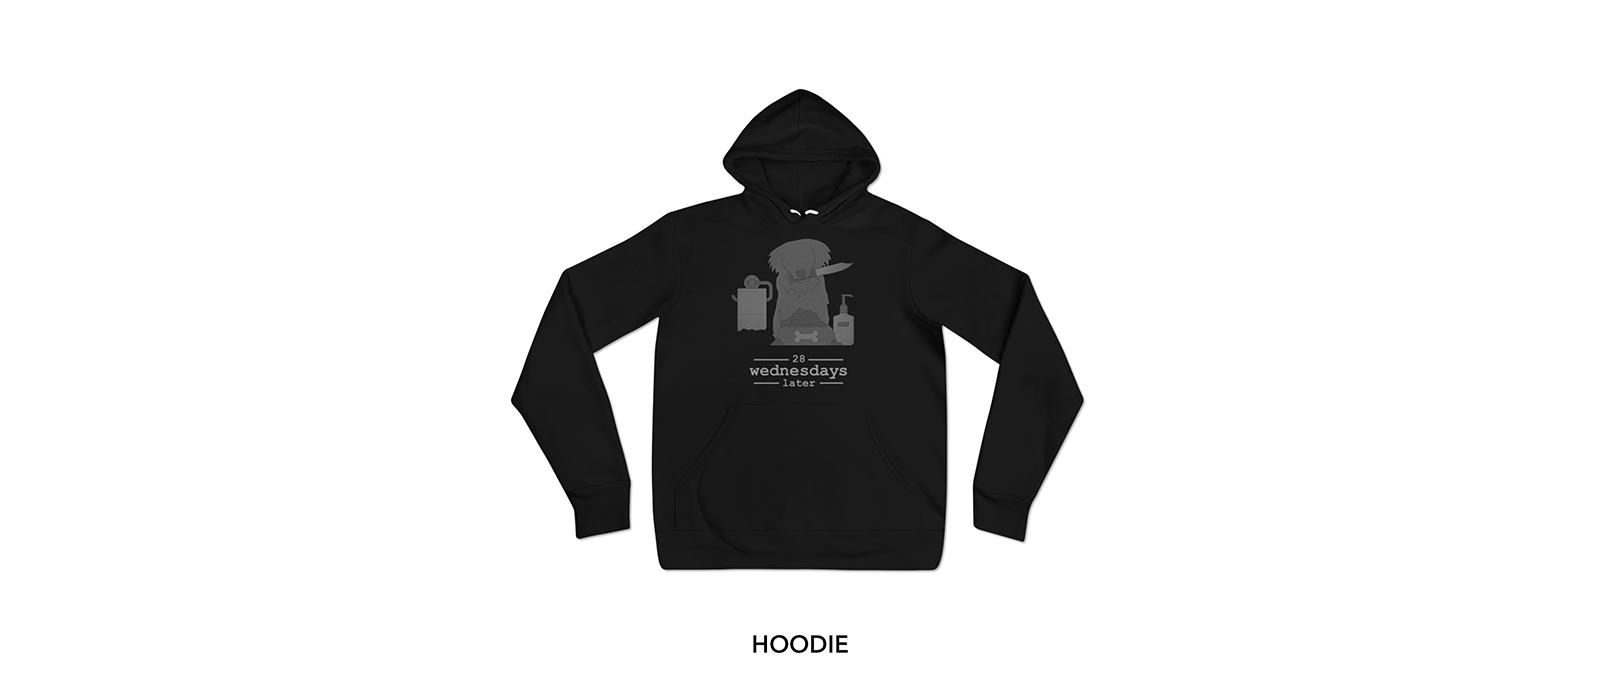 28 Wednesdays Later Hoodie II